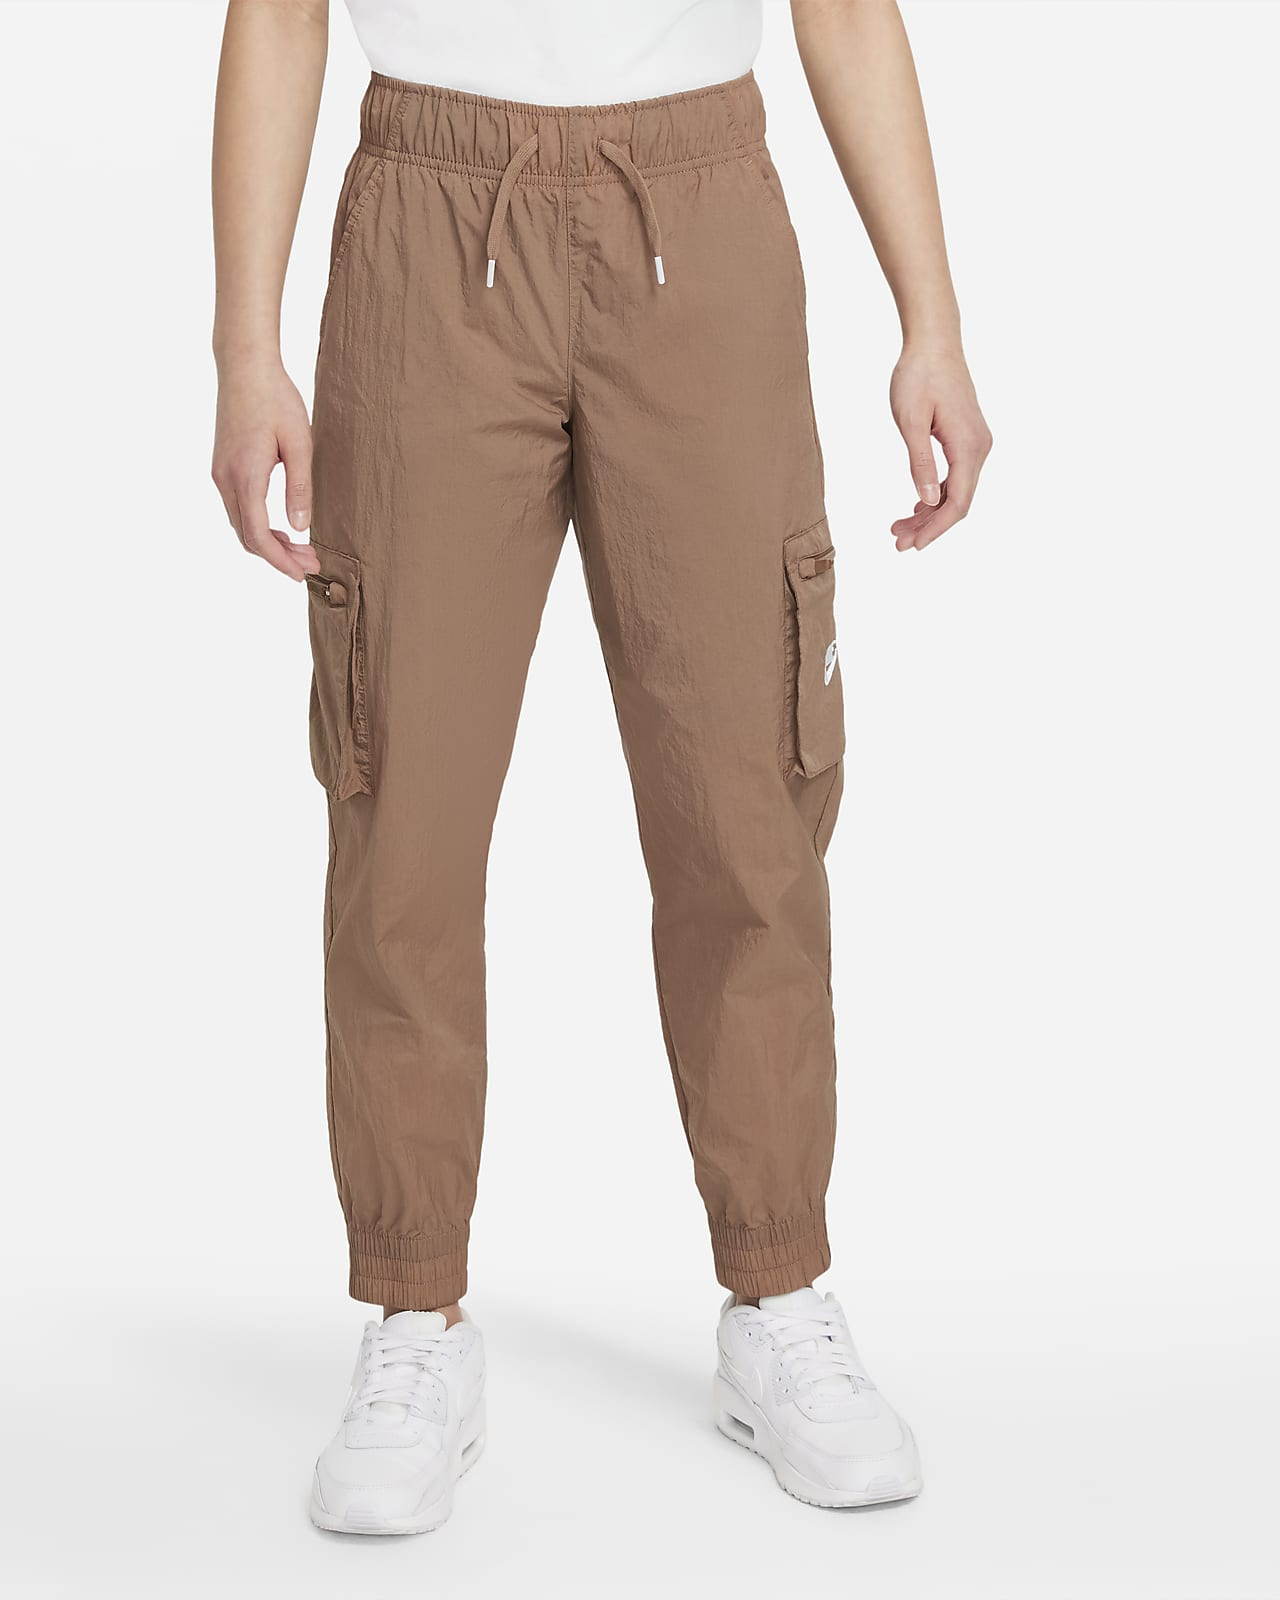 Pantalones cargo de tejido Woven para niñas talla grande Nike Sportswear